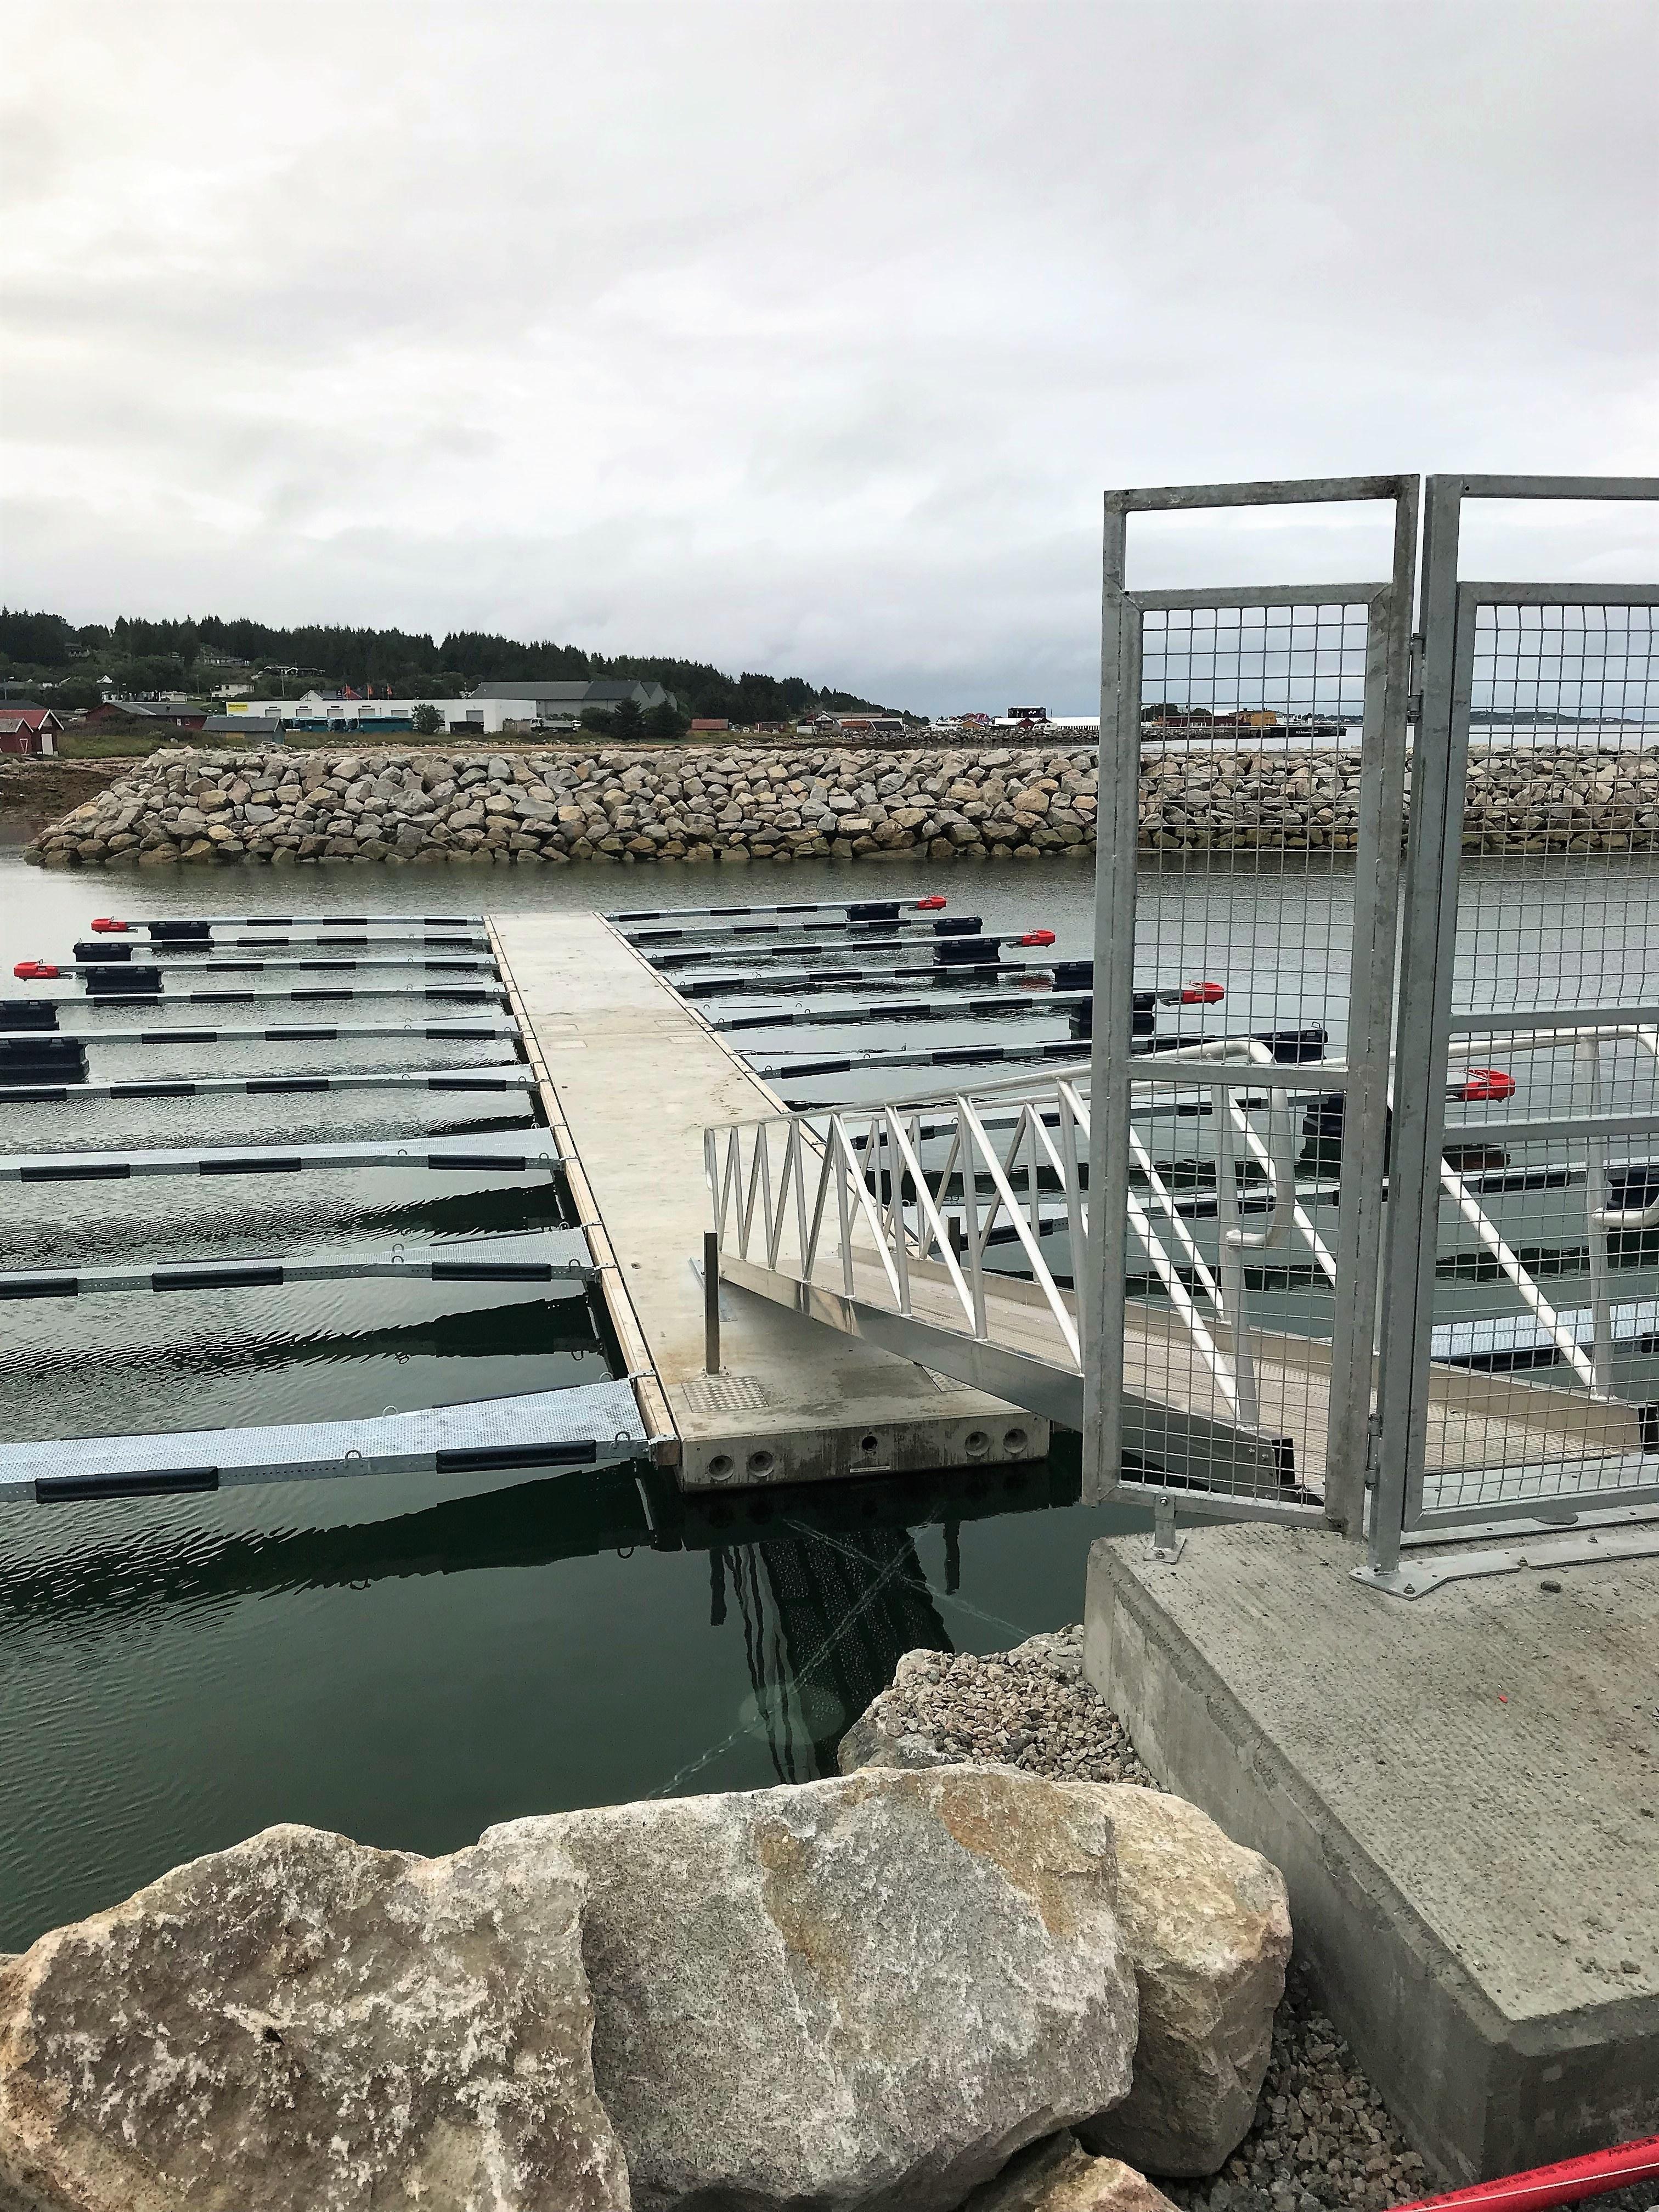 https://marinasolutions.no/uploads/Guri-Kunna-VGS-småbåtanlegg-port-2.jpg